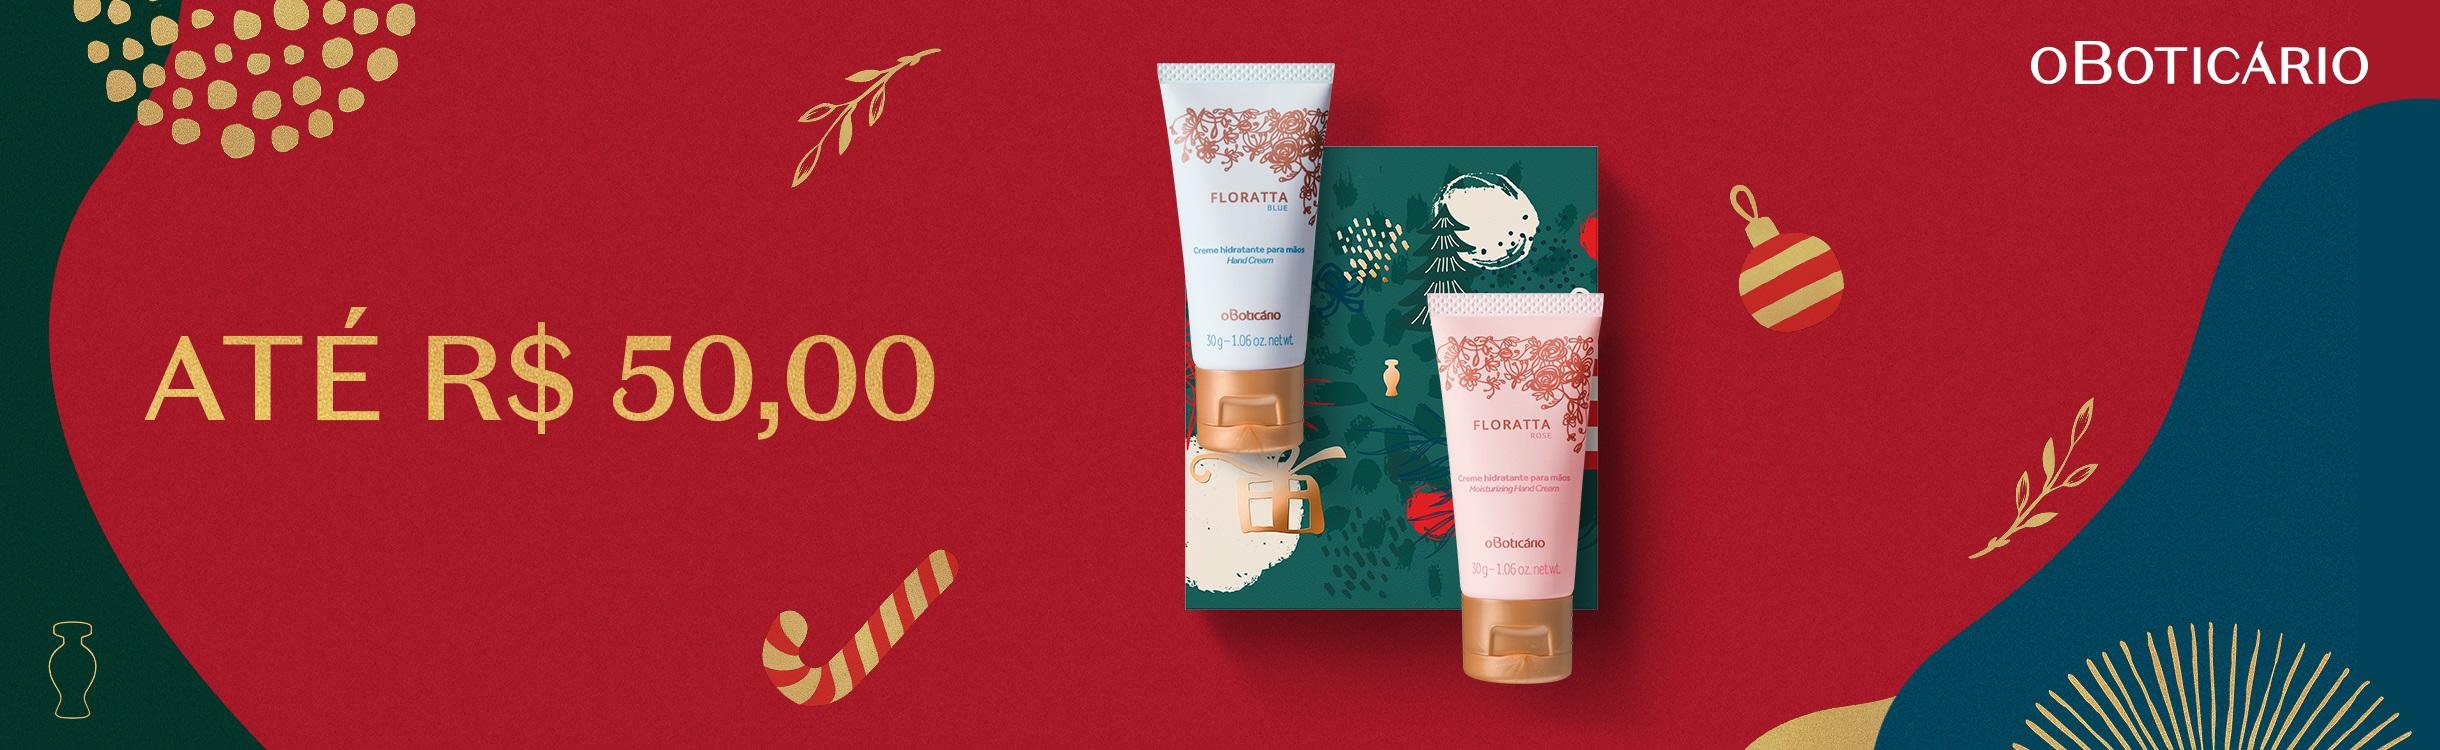 Natal O Boticário - Presentes de até R$50,00